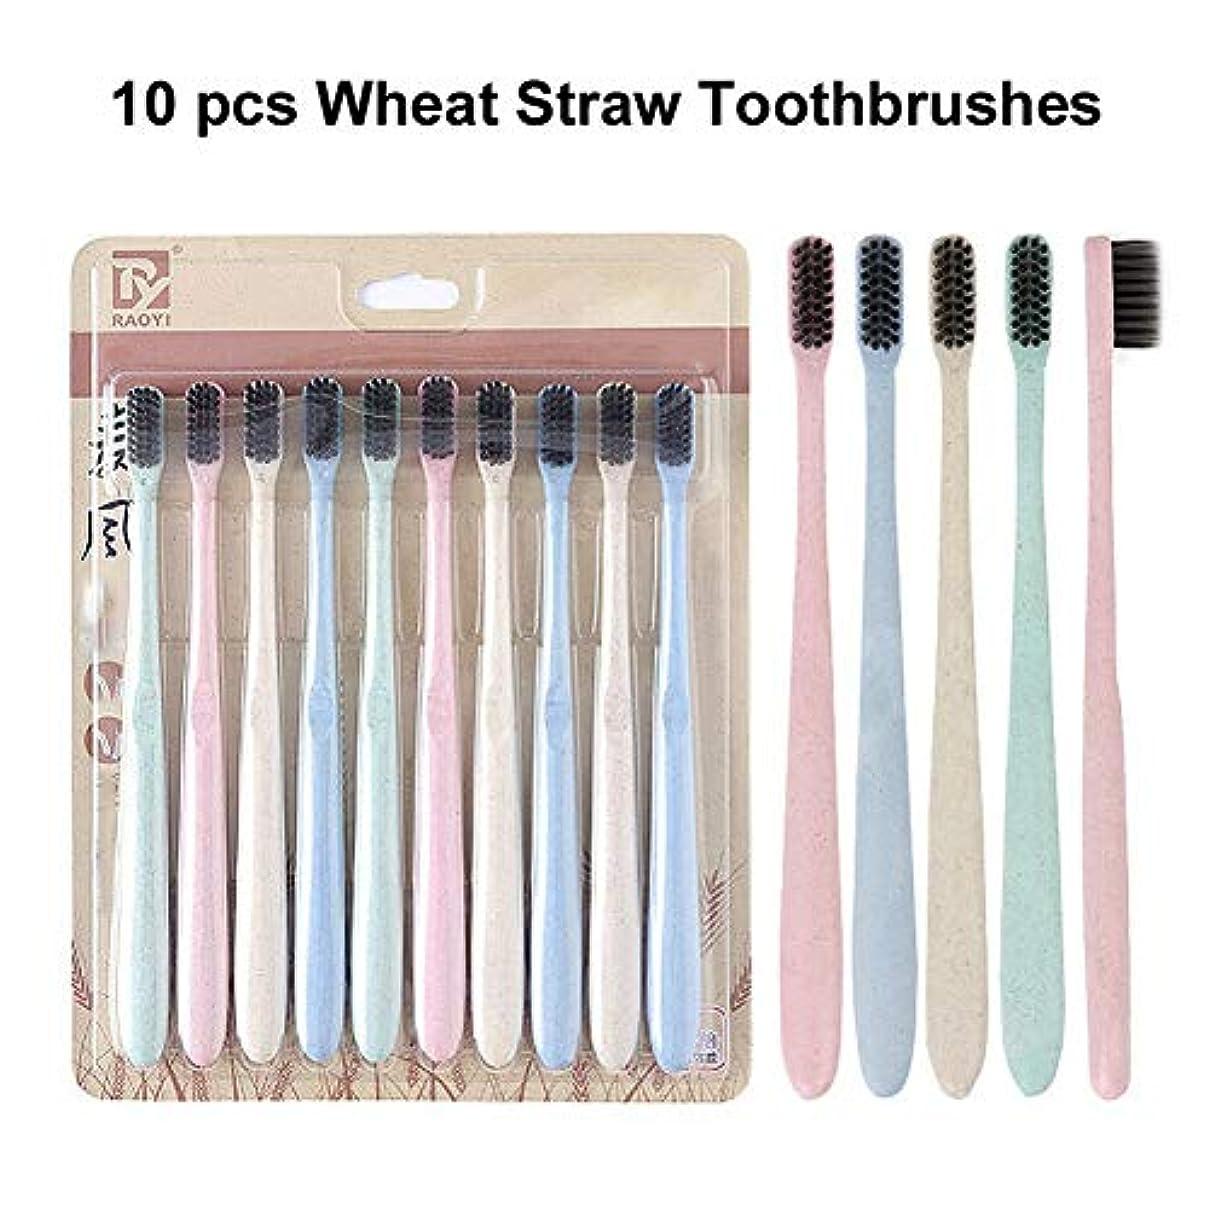 橋脚サーバント報告書10本の自然小麦わらの歯ブラシの柔らかいタケ木炭ブラシの口頭クリーニング (多色)